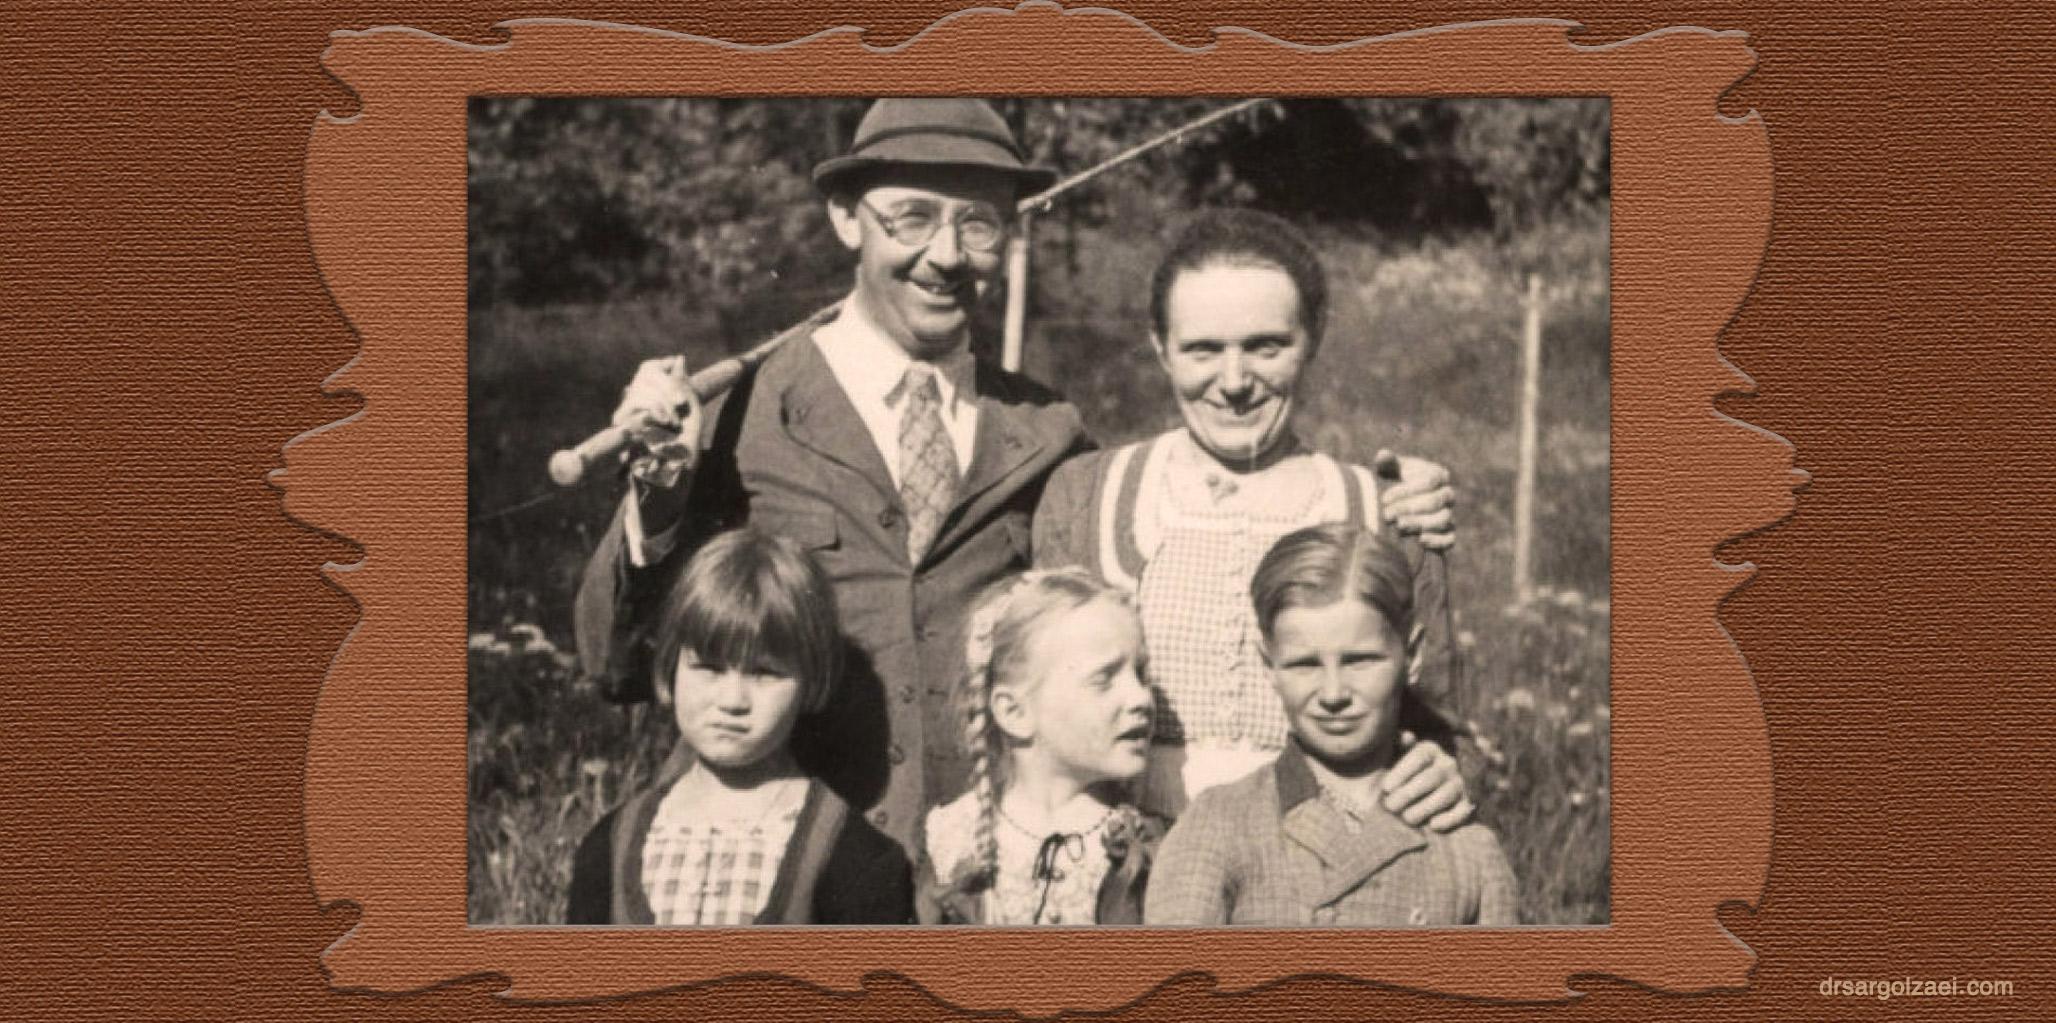 هاینریش هیملر